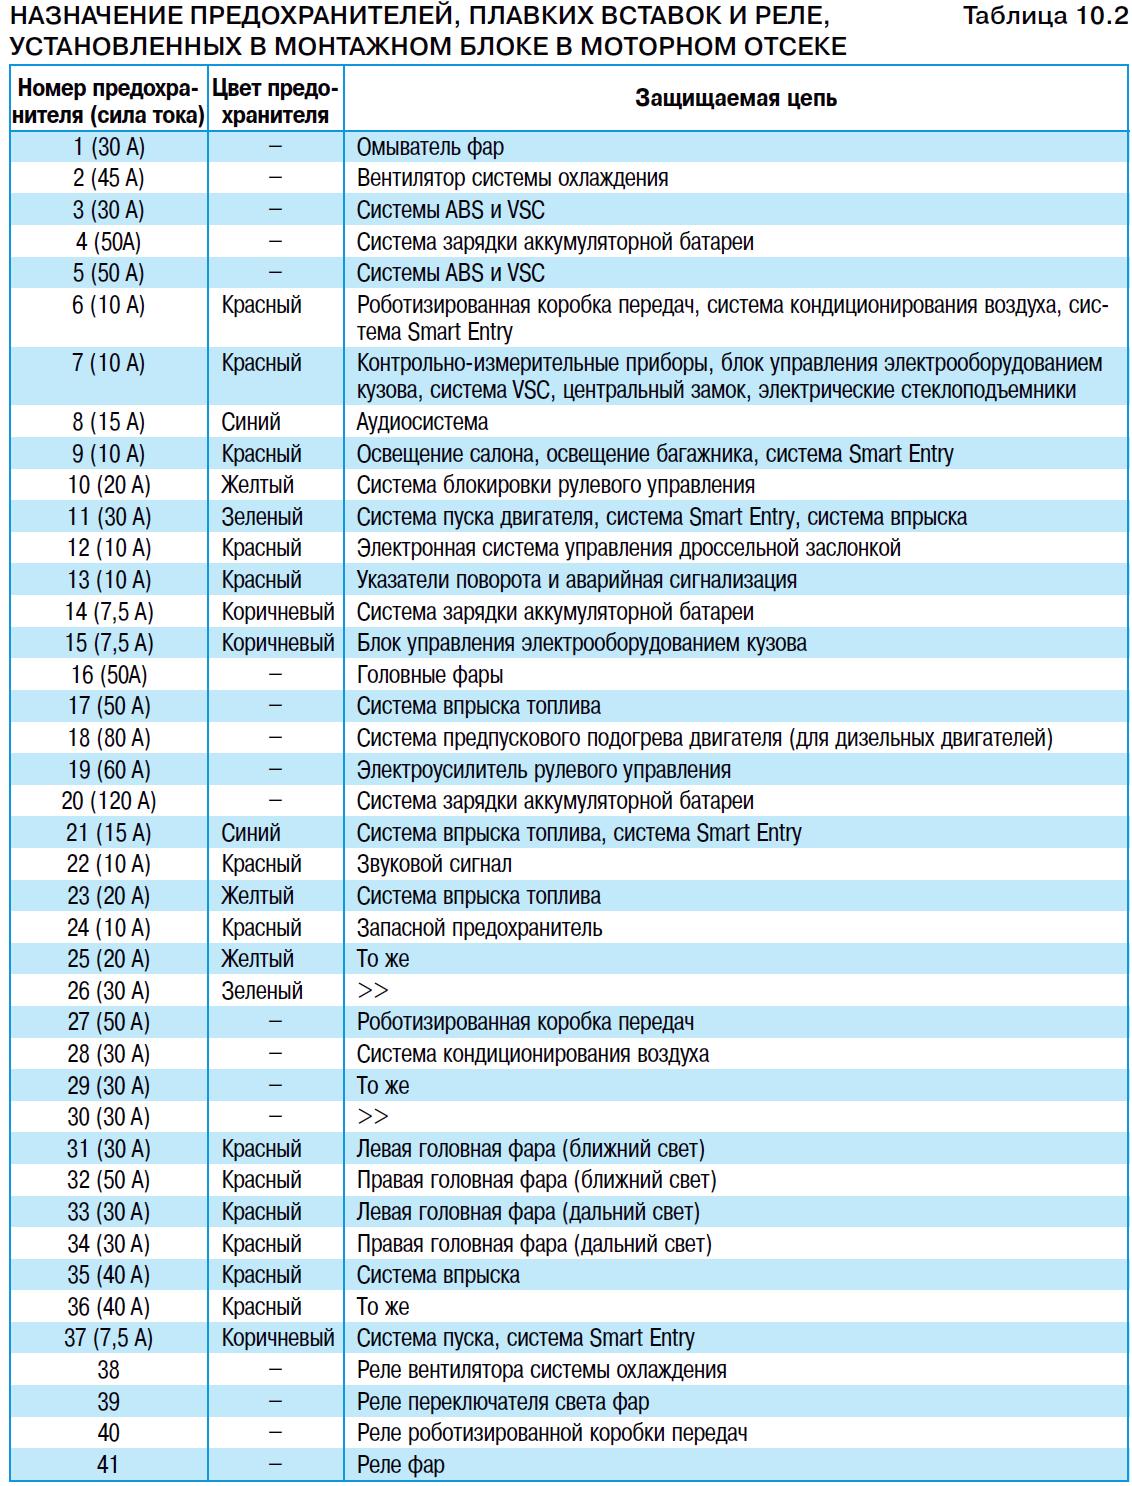 Схема предохранителей сцион